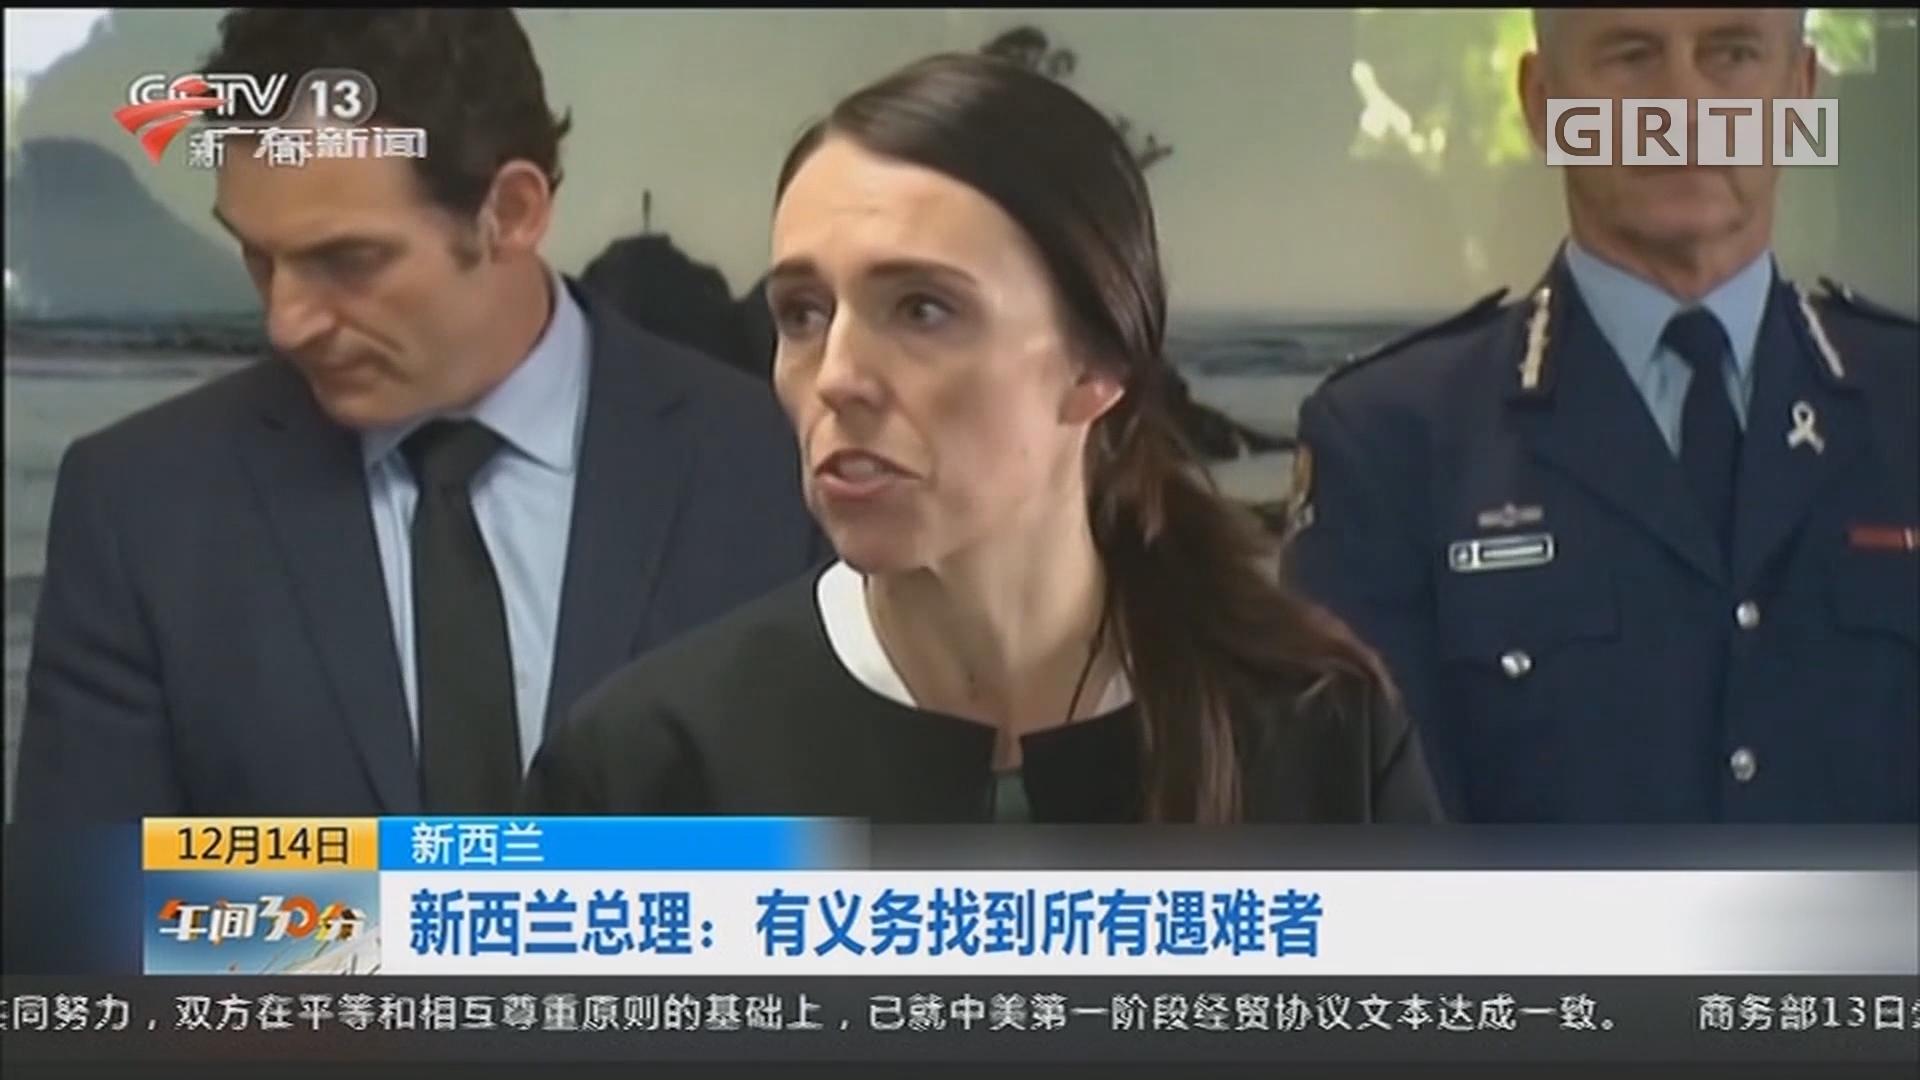 新西兰 新西兰总理:有义务找到所有遇难者